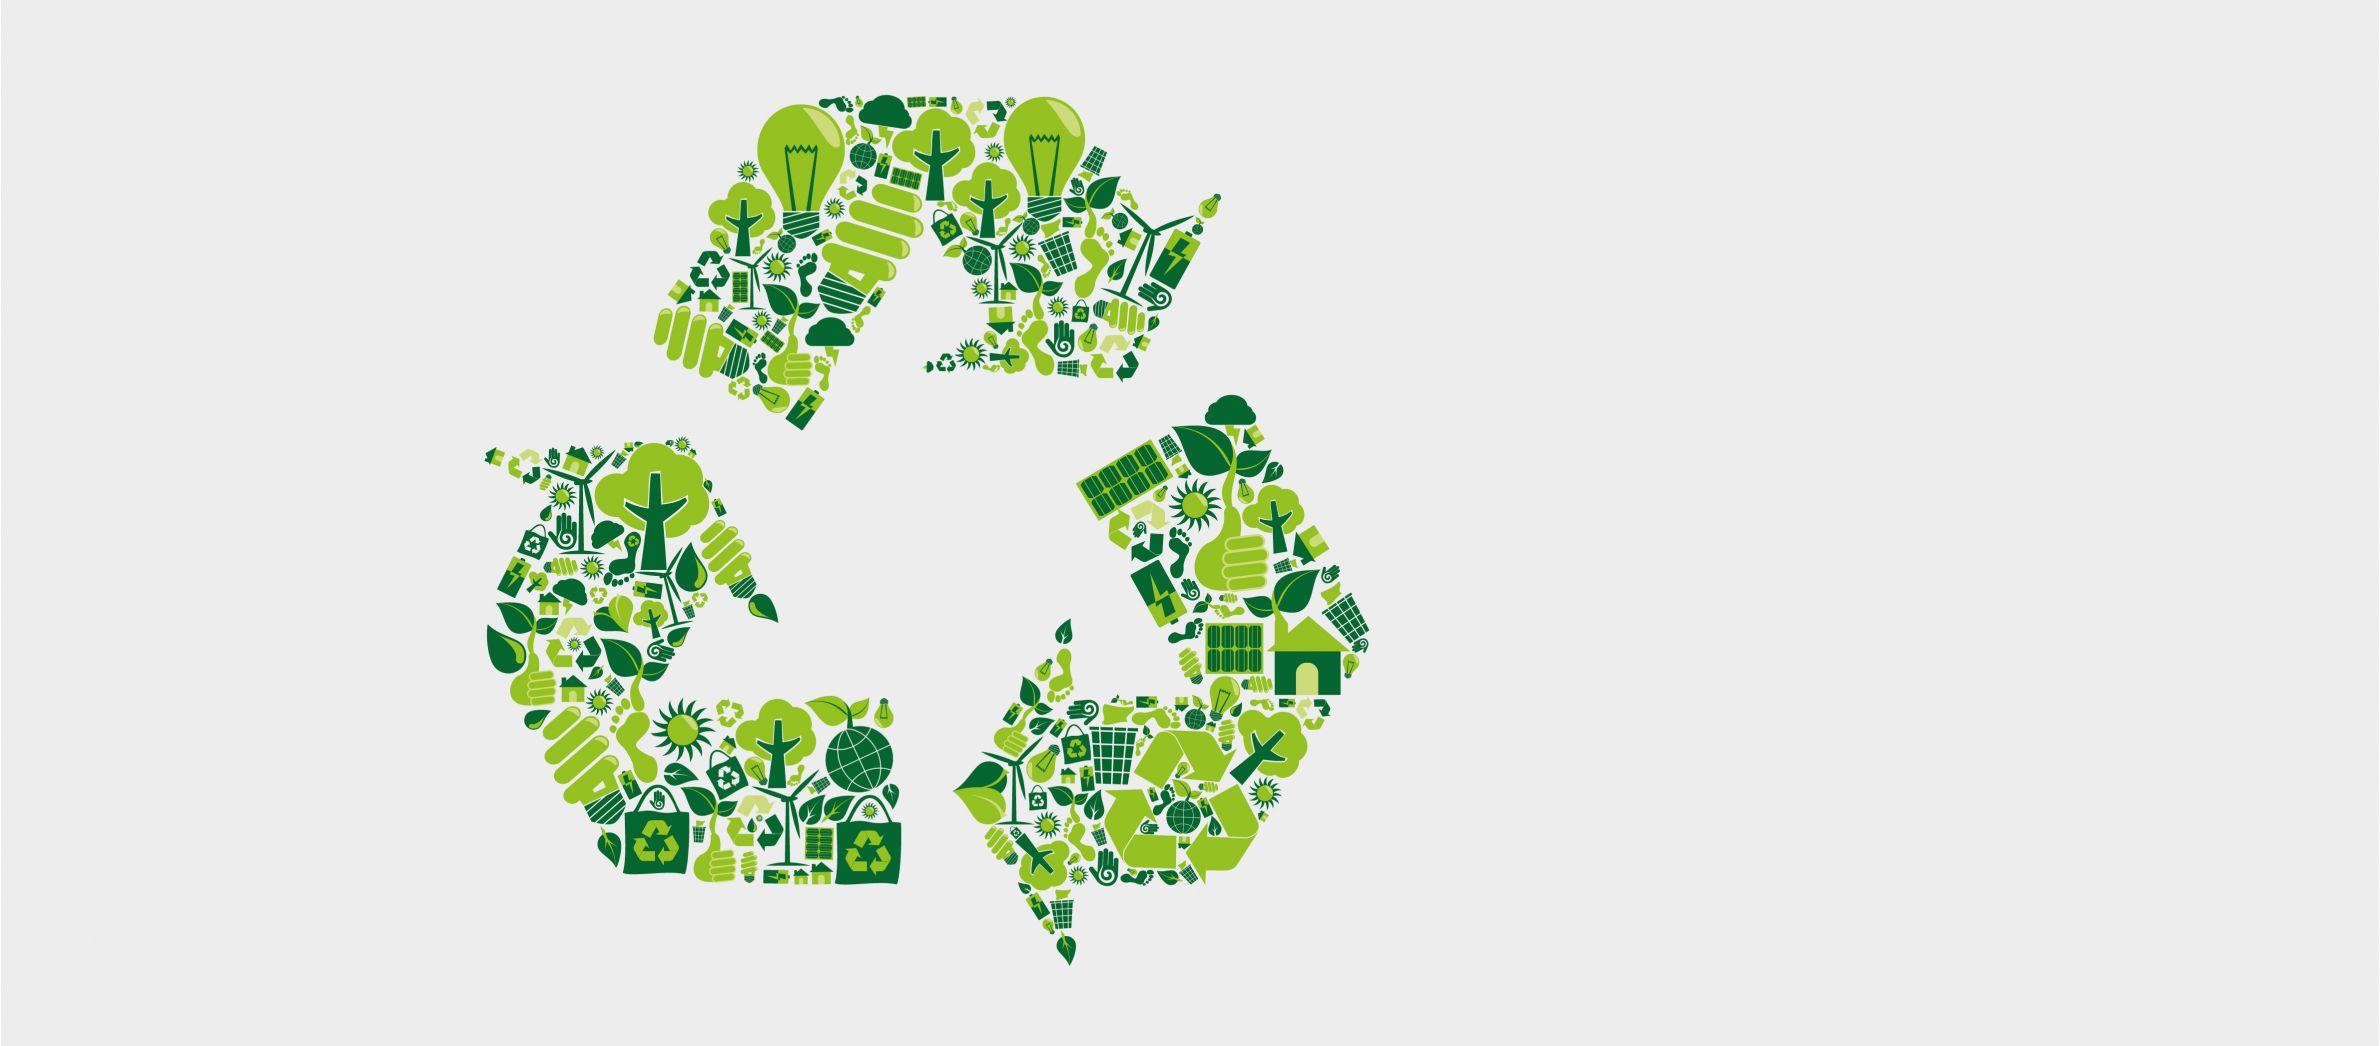 Grünes Recycling-Symbol als Illustration bestehend aus Symbole, die Nachhaltigkeit und biologischer Fußabdruck bedeuten.